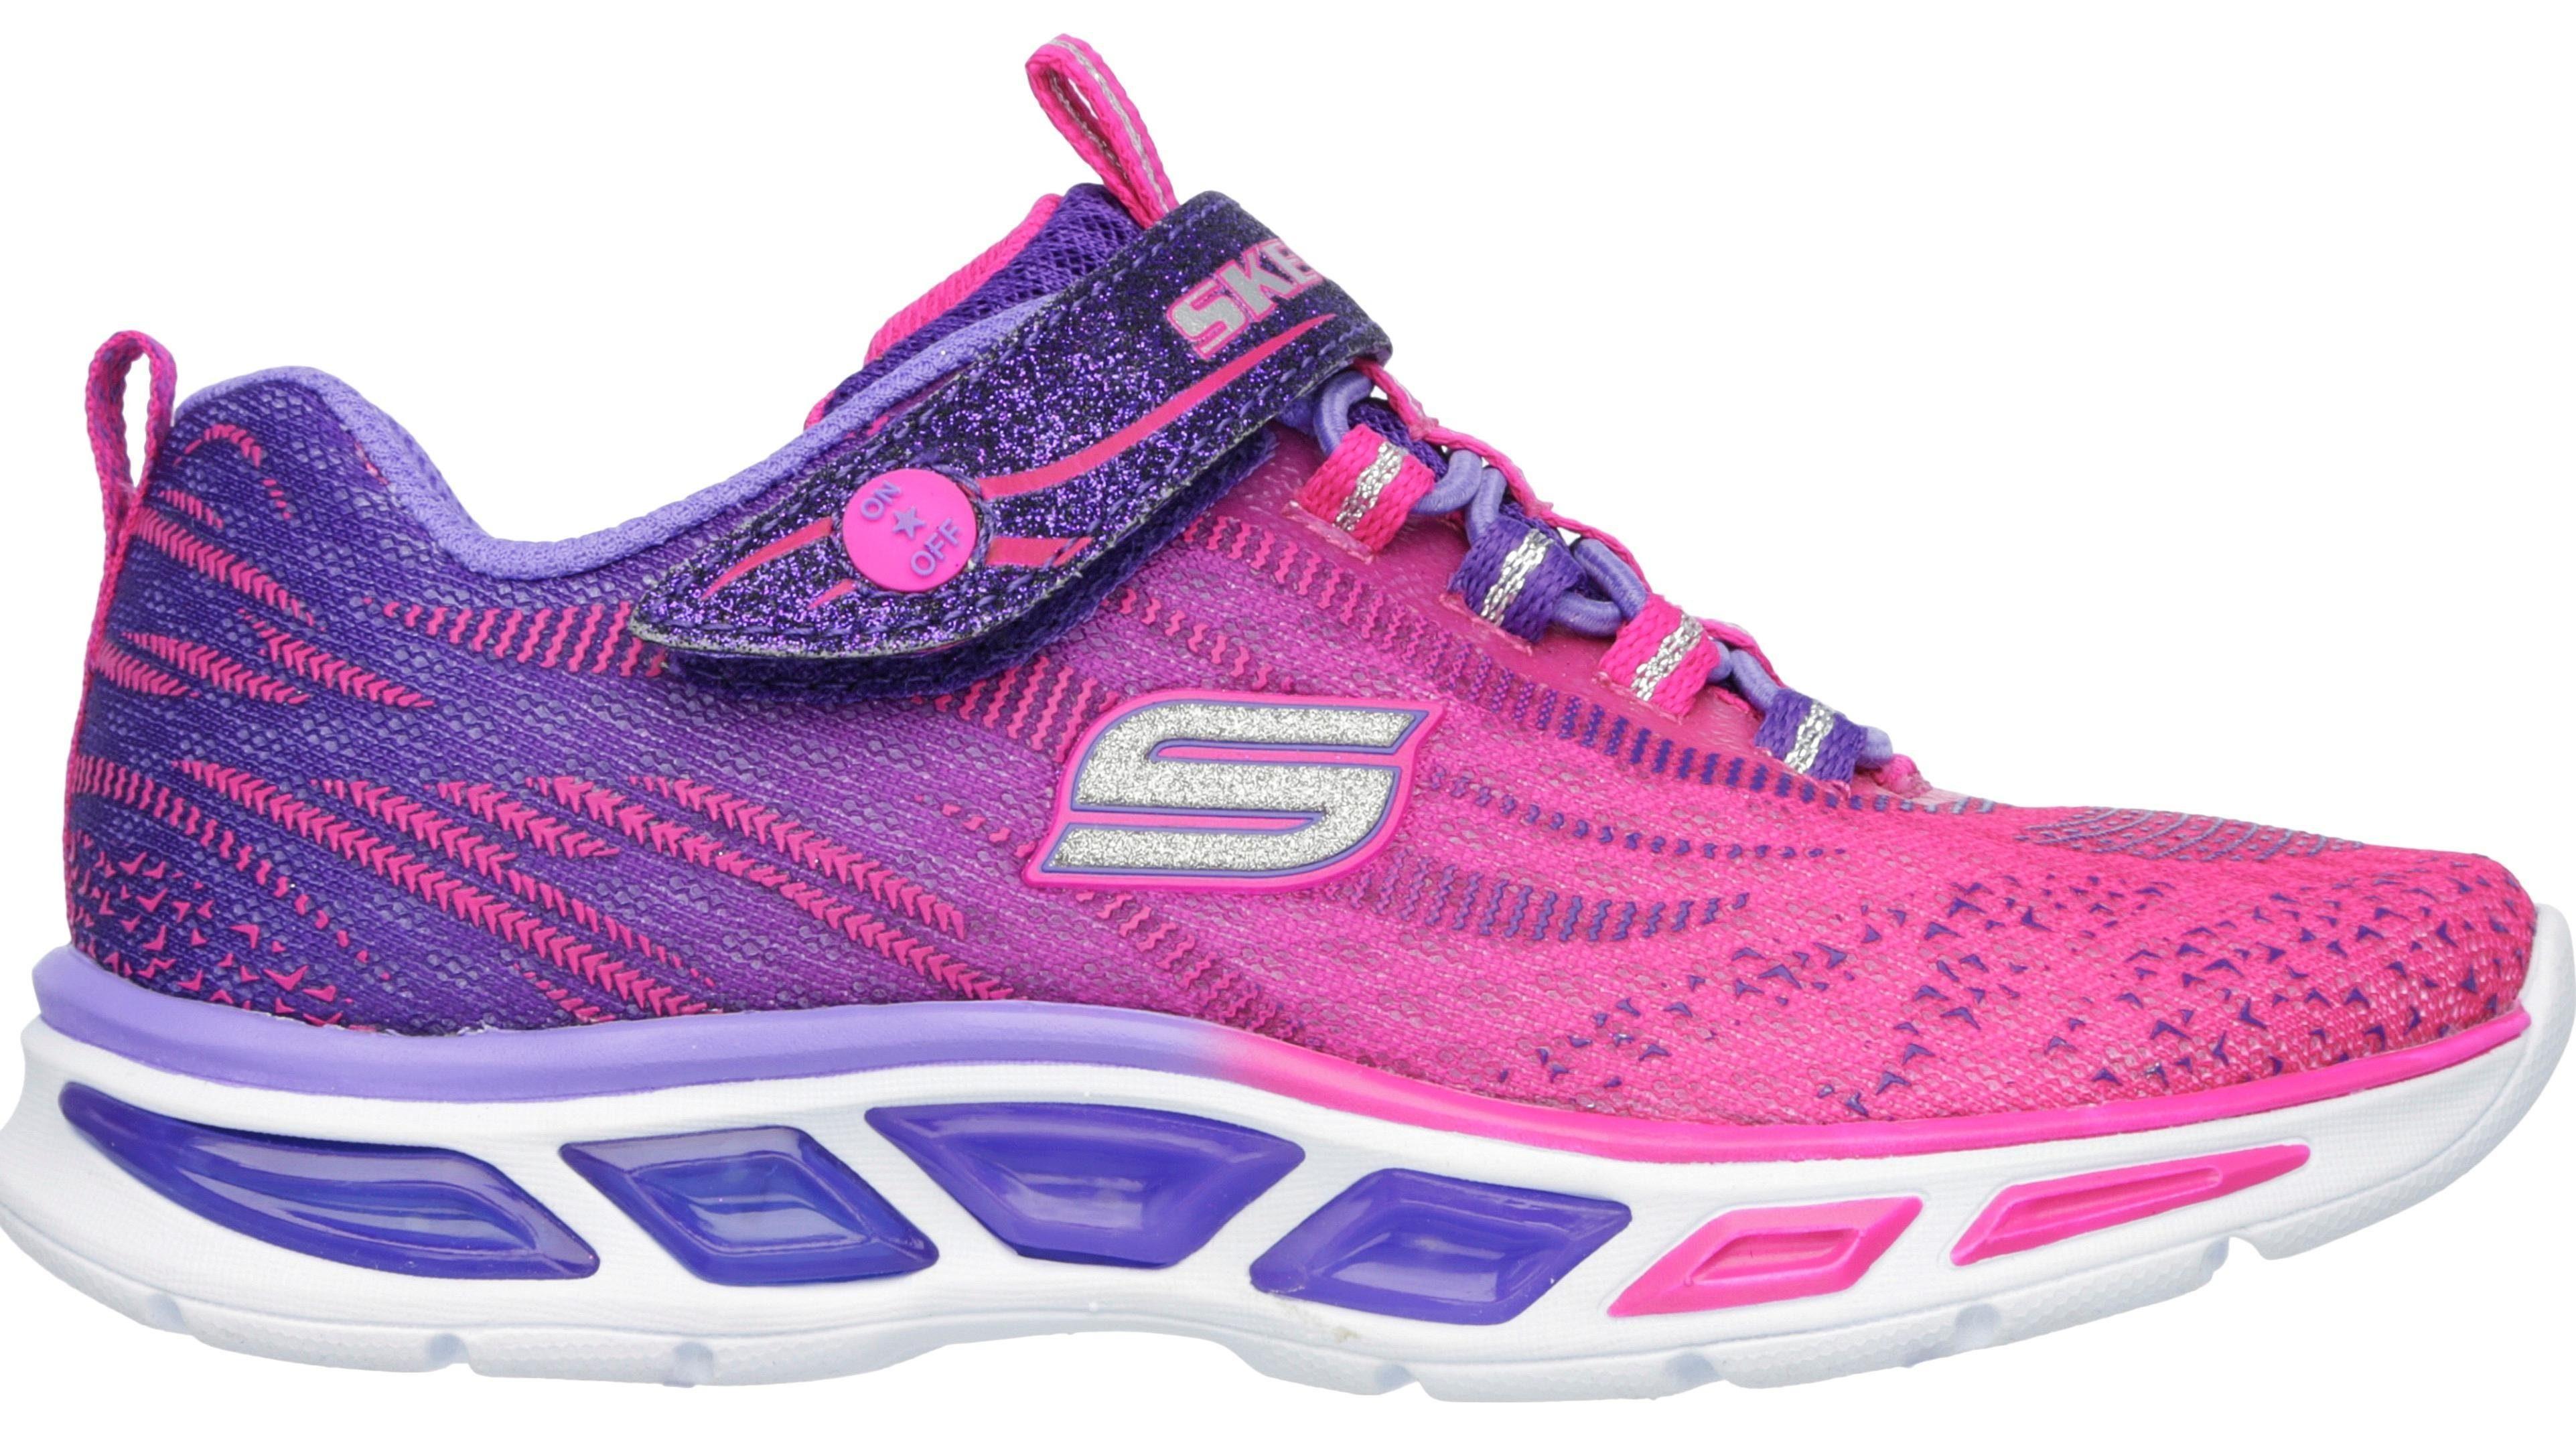 Skechers Kids Sneaker mit Blinkfunktion in verschiedenen Farben online kaufen | OTTO